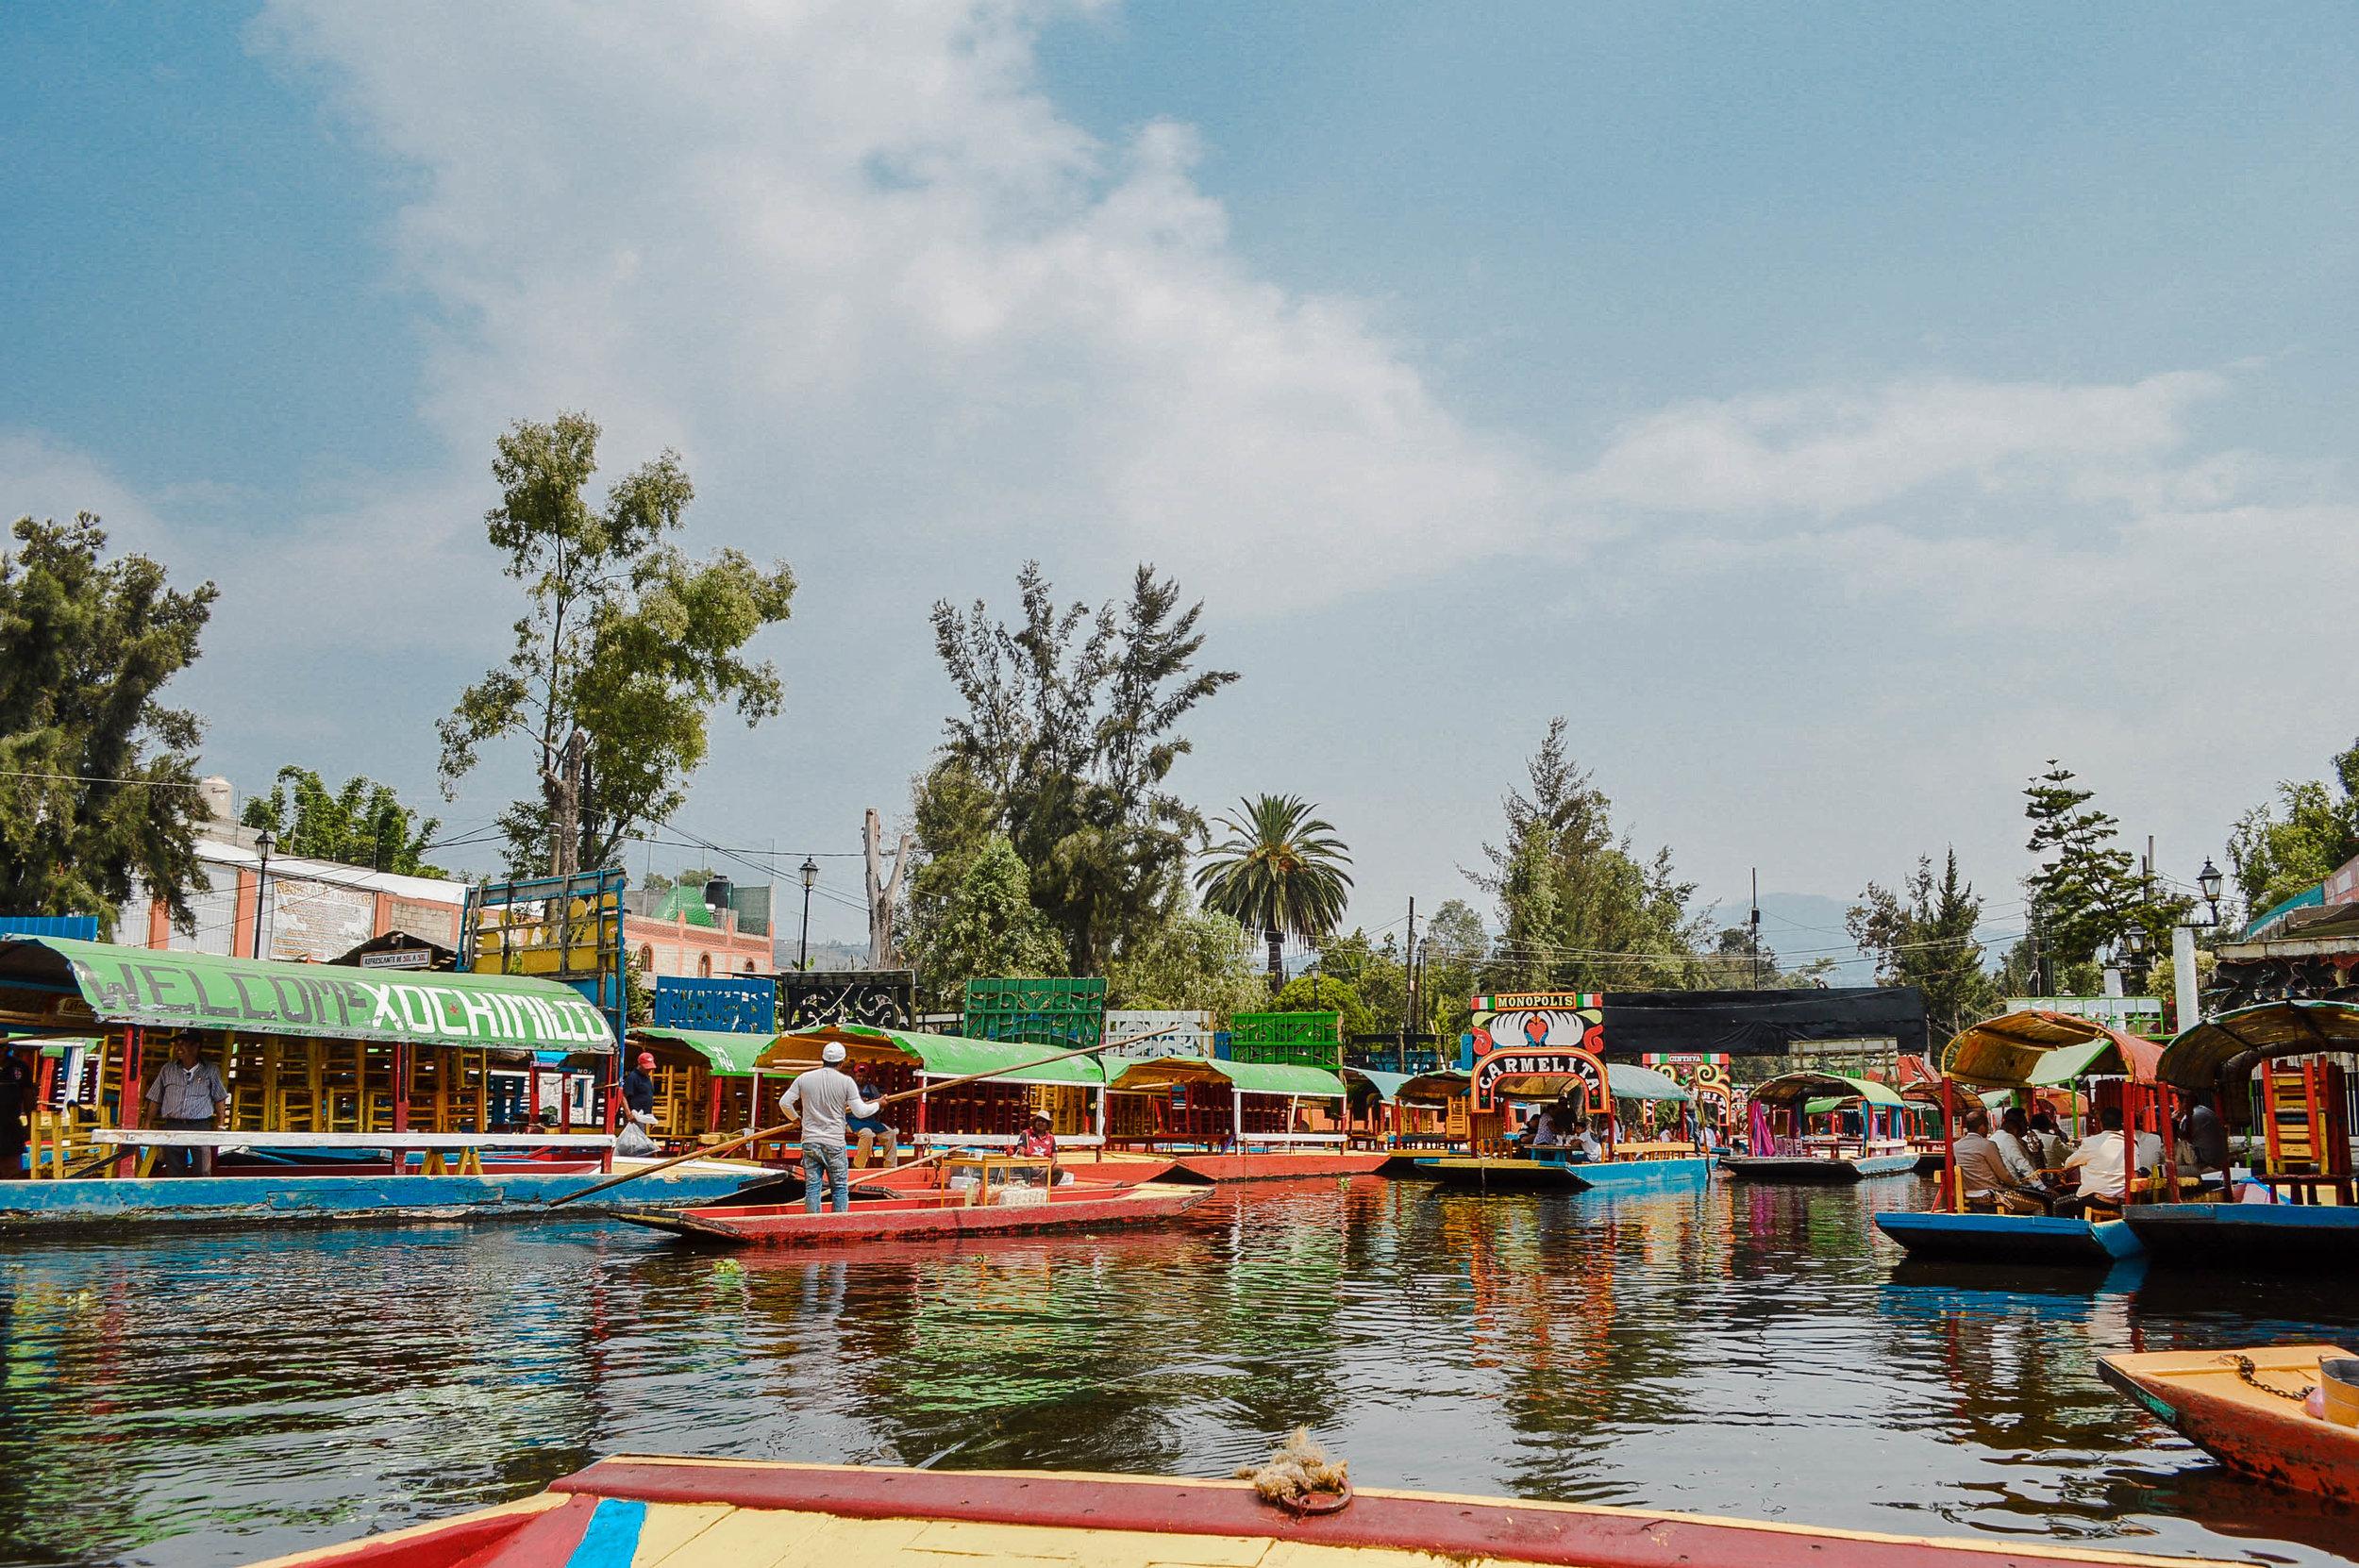 Xochilmico Canals